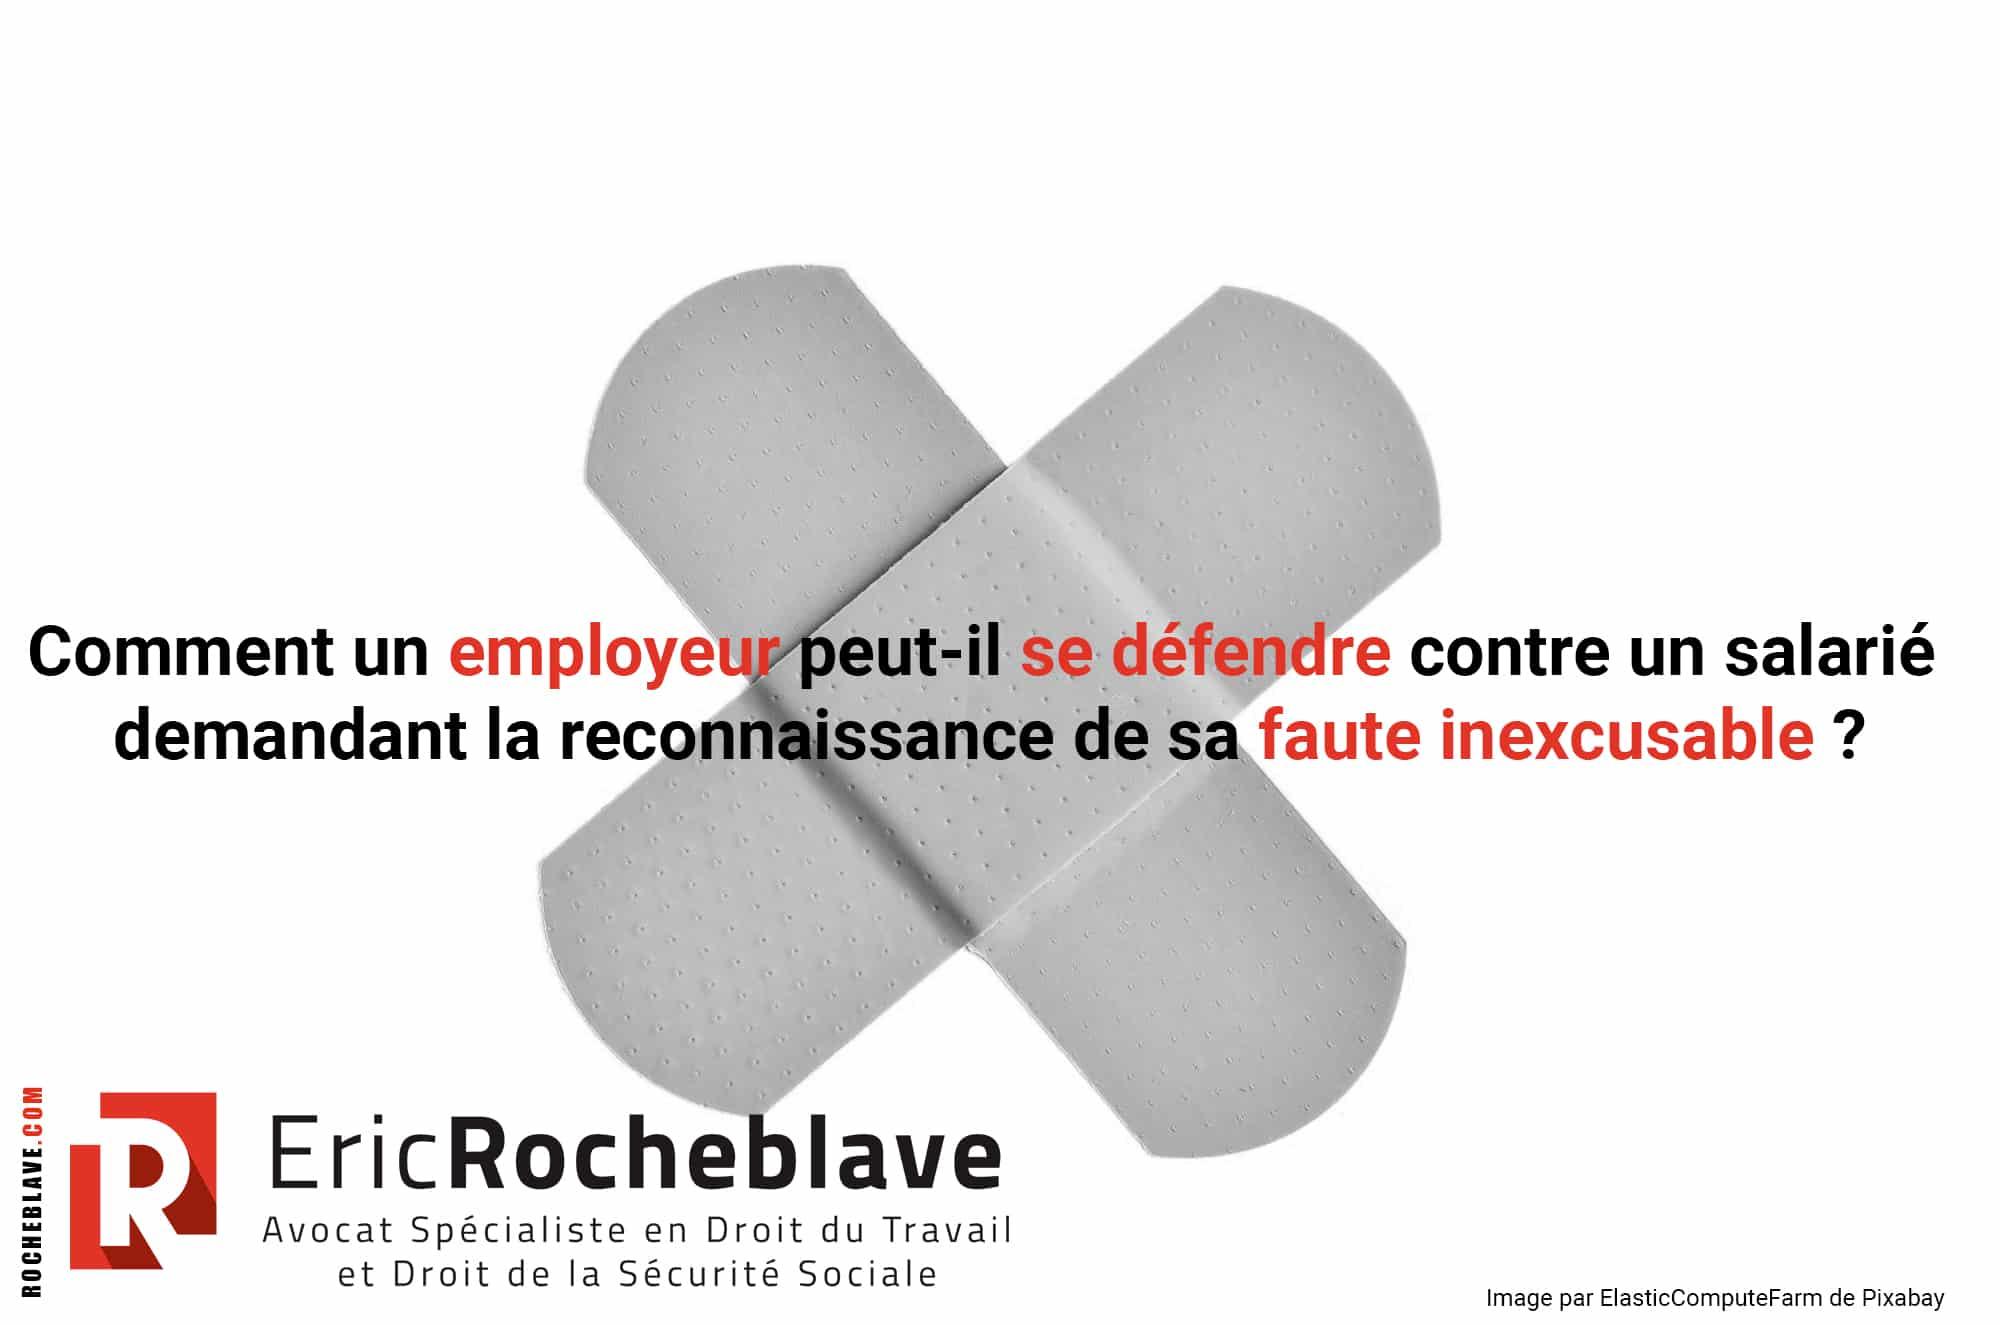 Comment un employeur peut-il se défendre contre un salarié demandant la reconnaissance de sa faute inexcusable ?